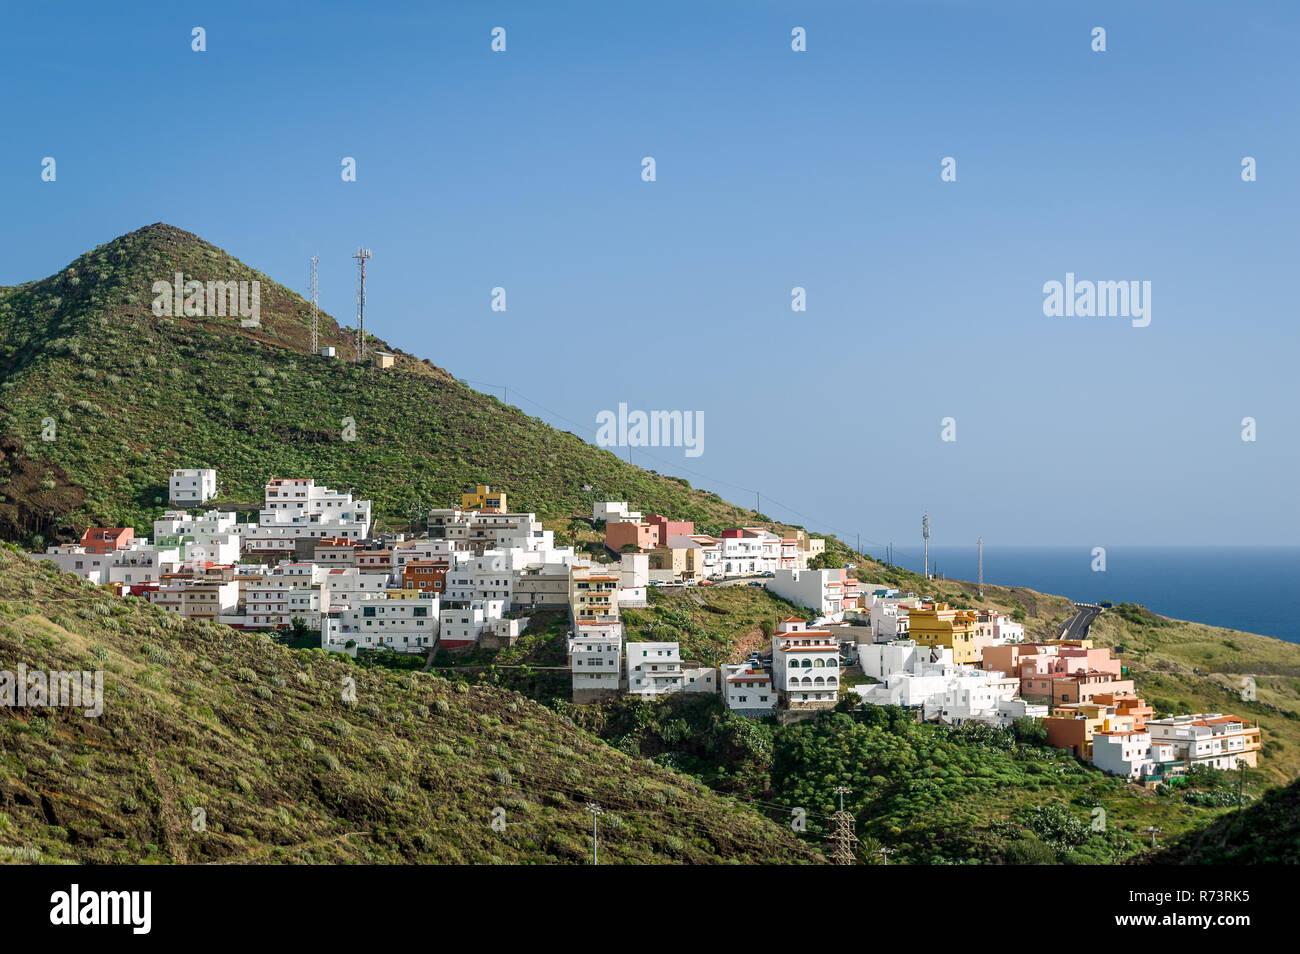 Nueva aldea en la ladera de la montaña de la isla de Tenerife Imagen De Stock